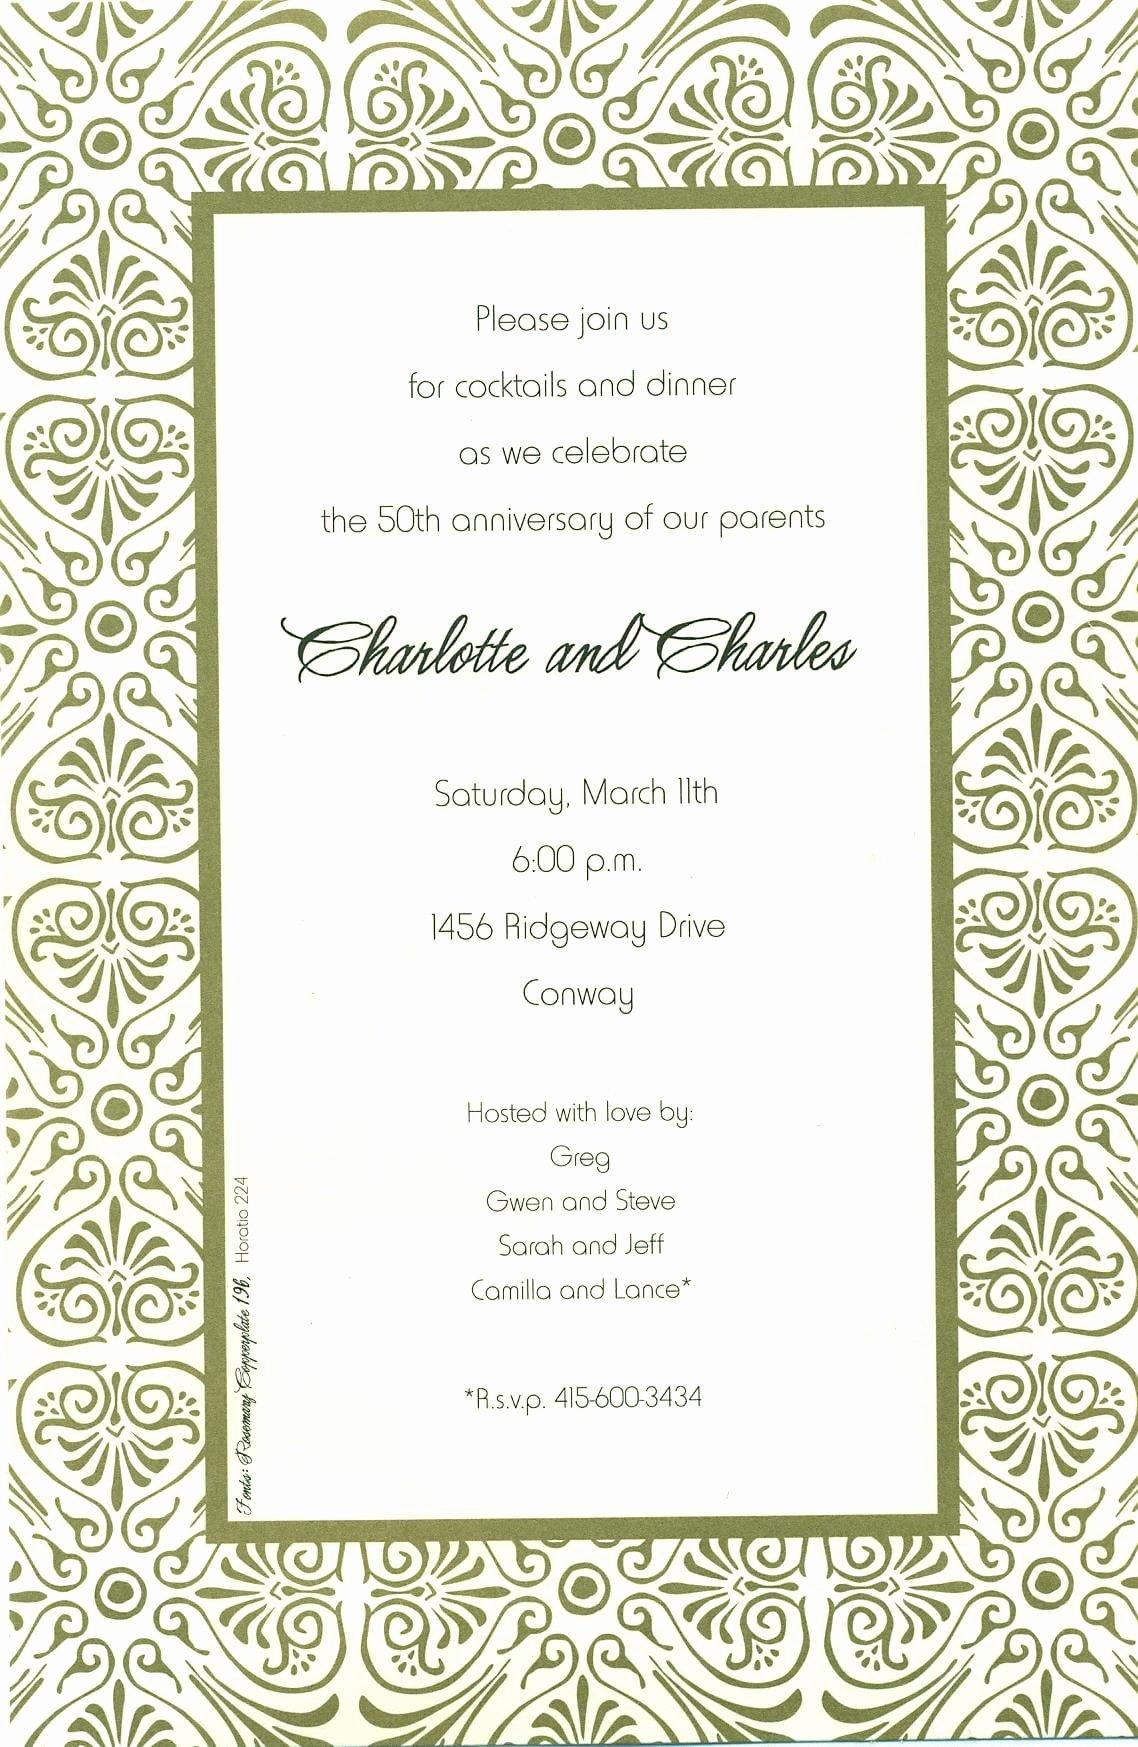 Free Printable Dinner Invitations Inspirational Free Printable Rehearsal Dinner Invitation Template